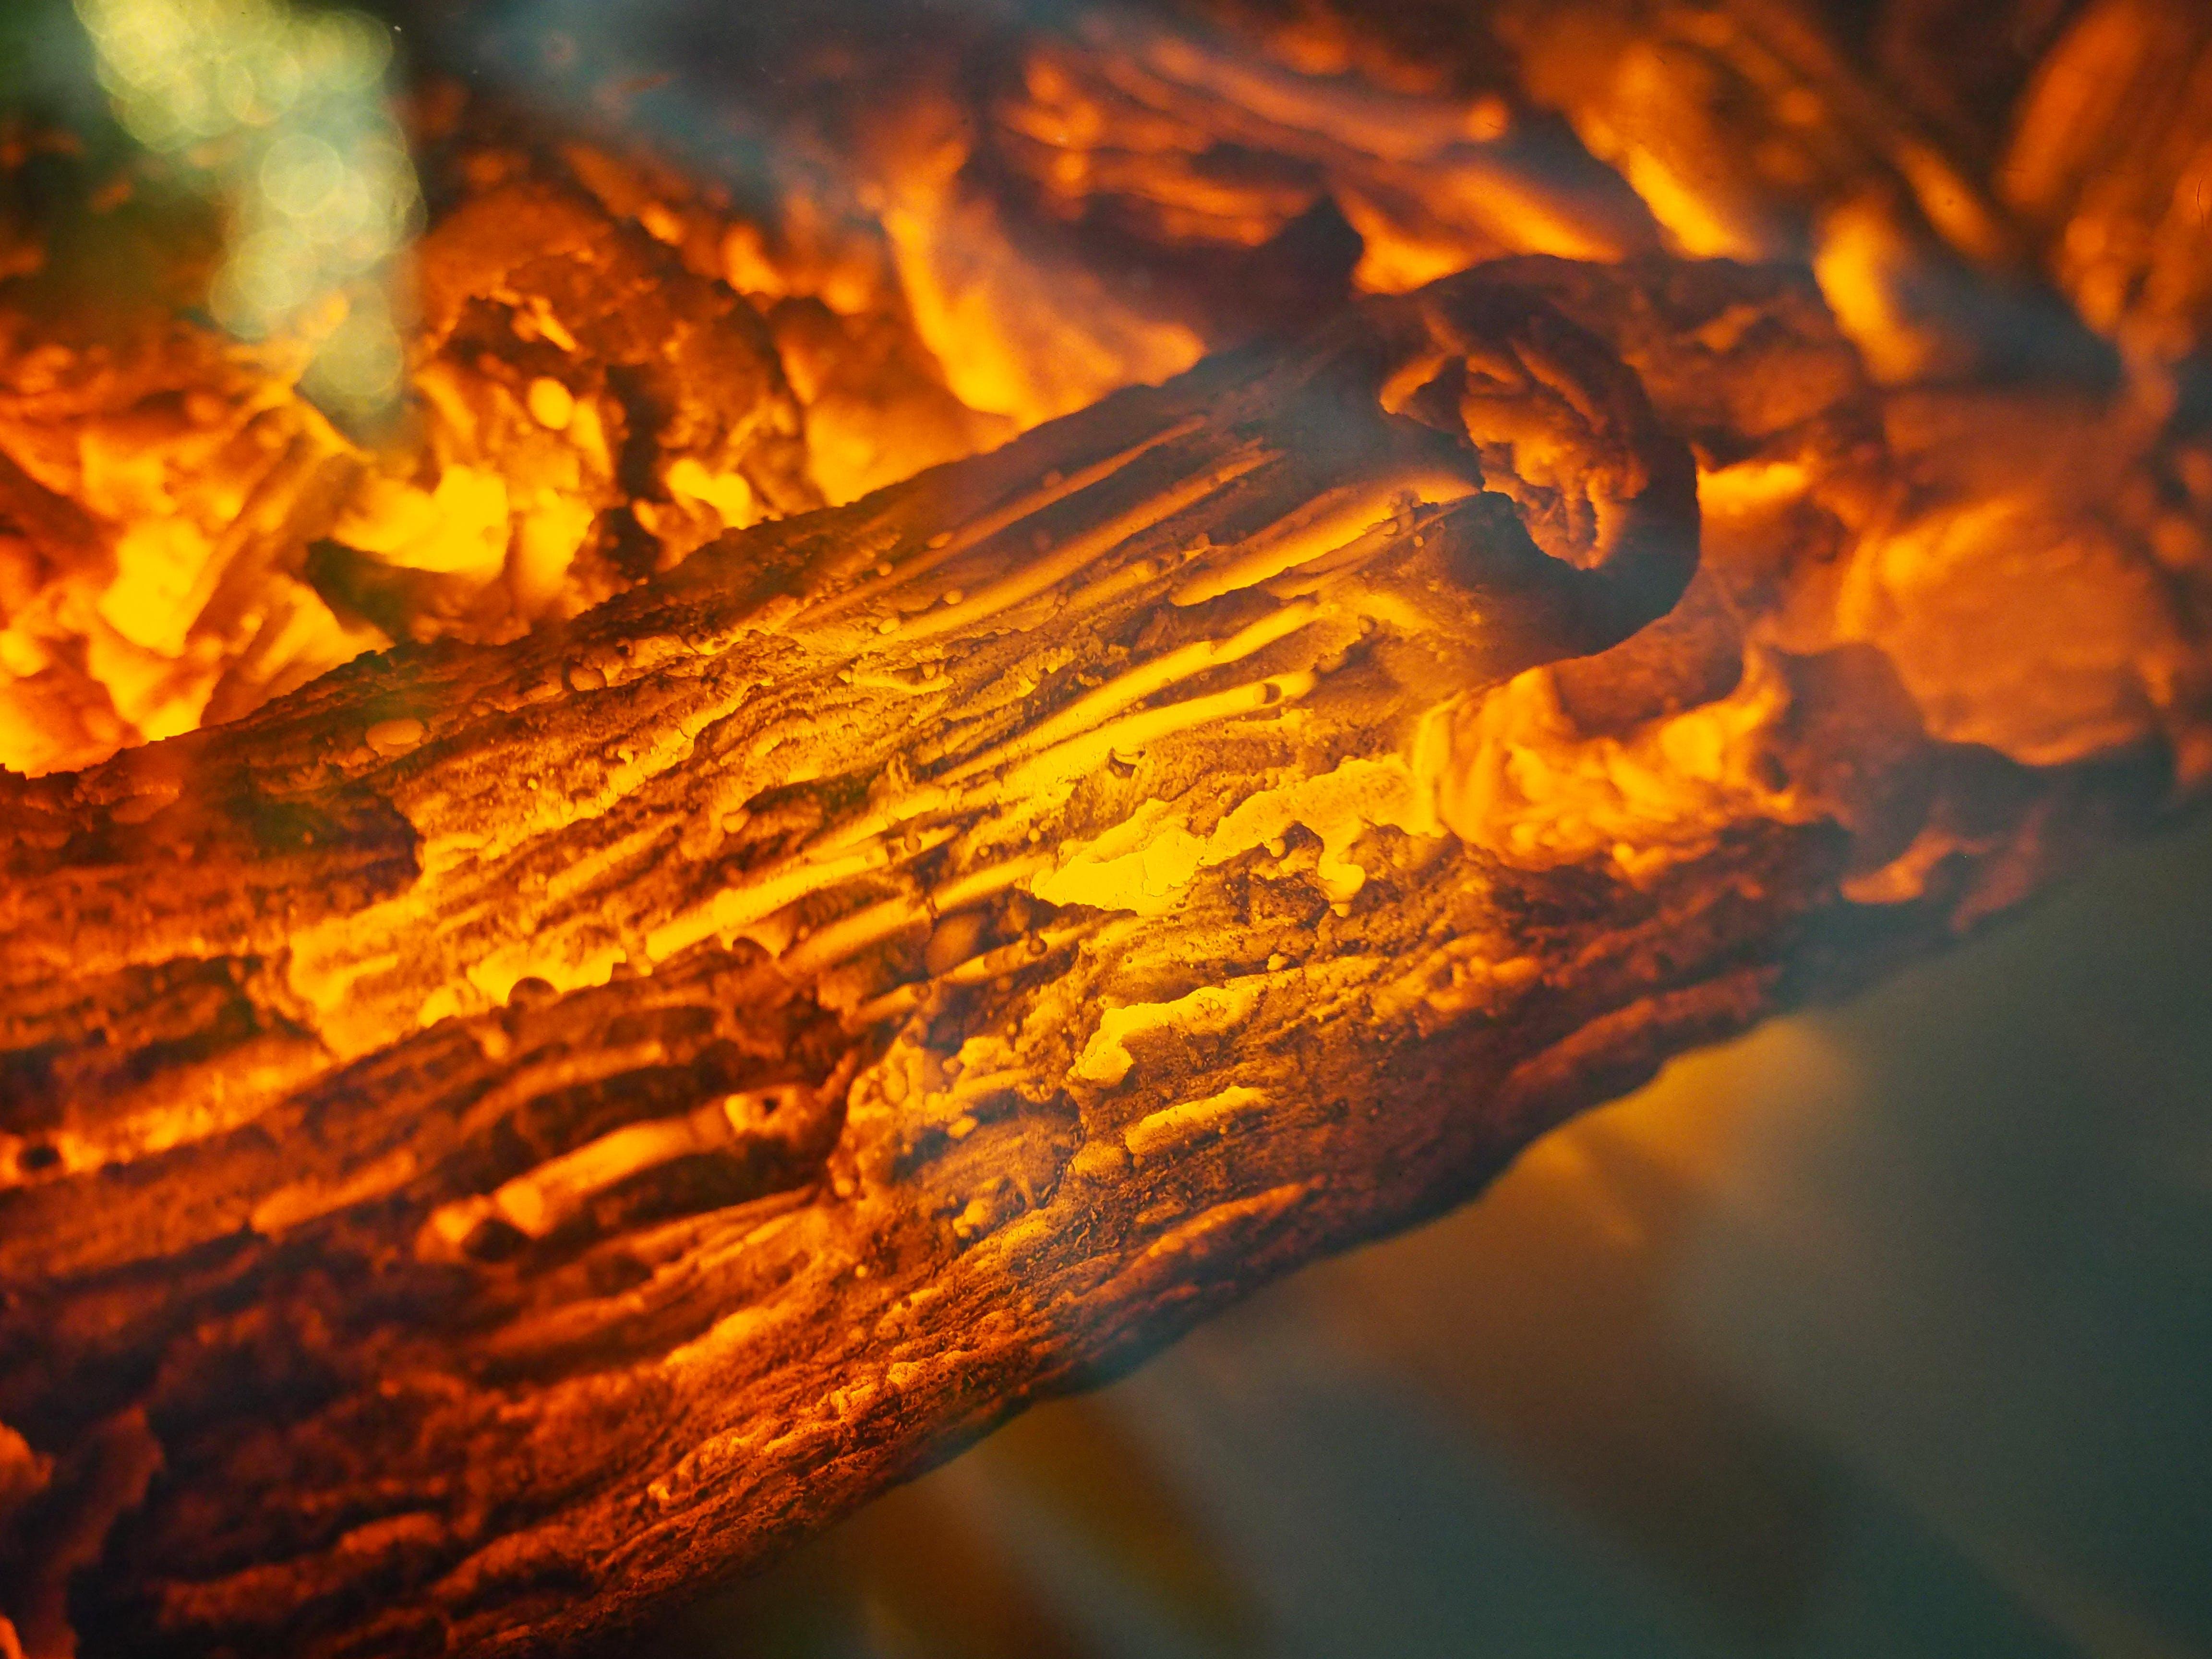 Fotos de stock gratuitas de ascua, atractivo, calor, carbón